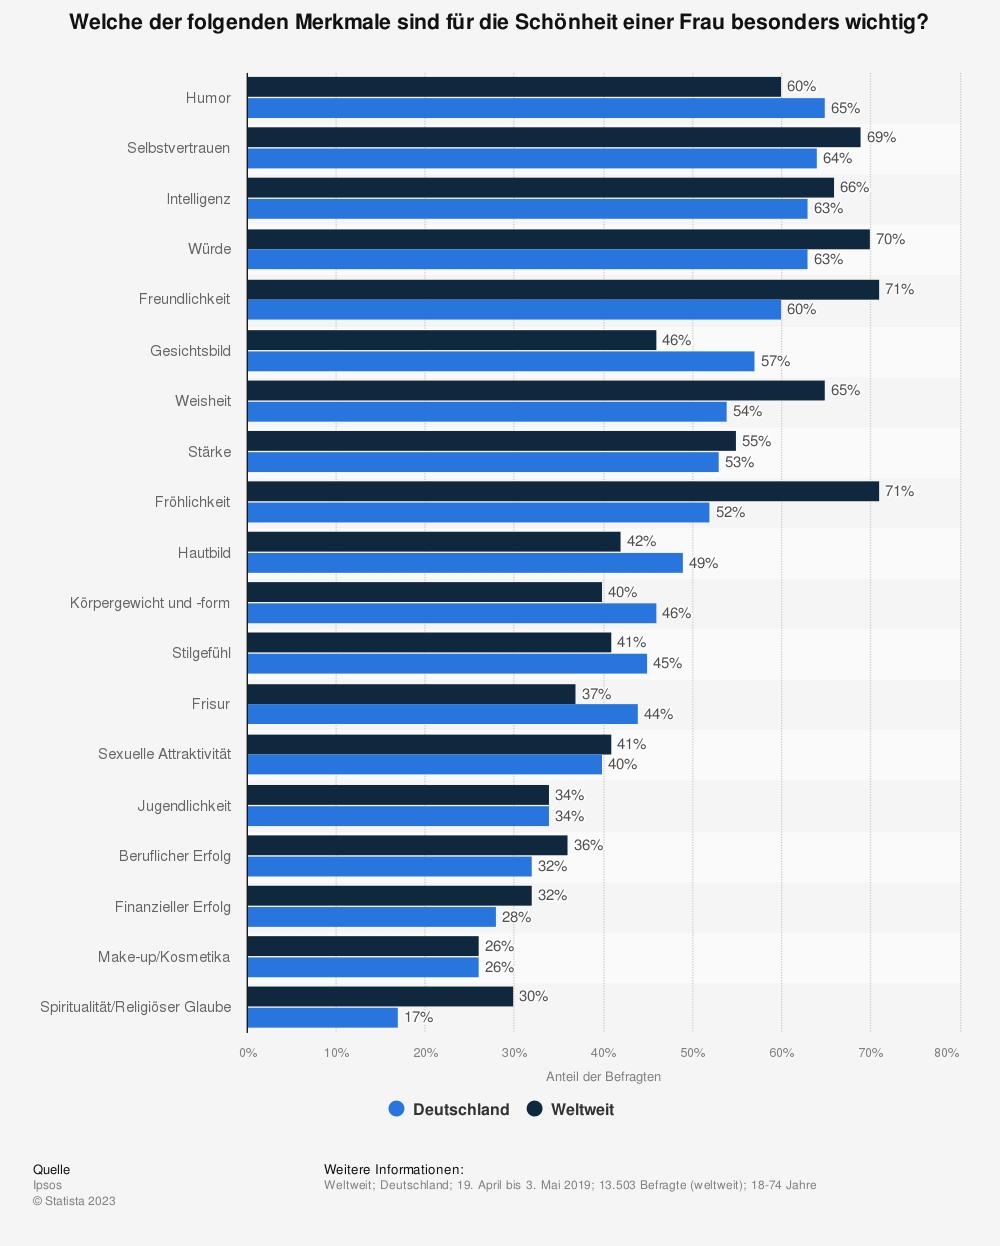 Statistik: Welche der folgenden Merkmale sind für die Schönheit einer Frau besonders wichtig? | Statista